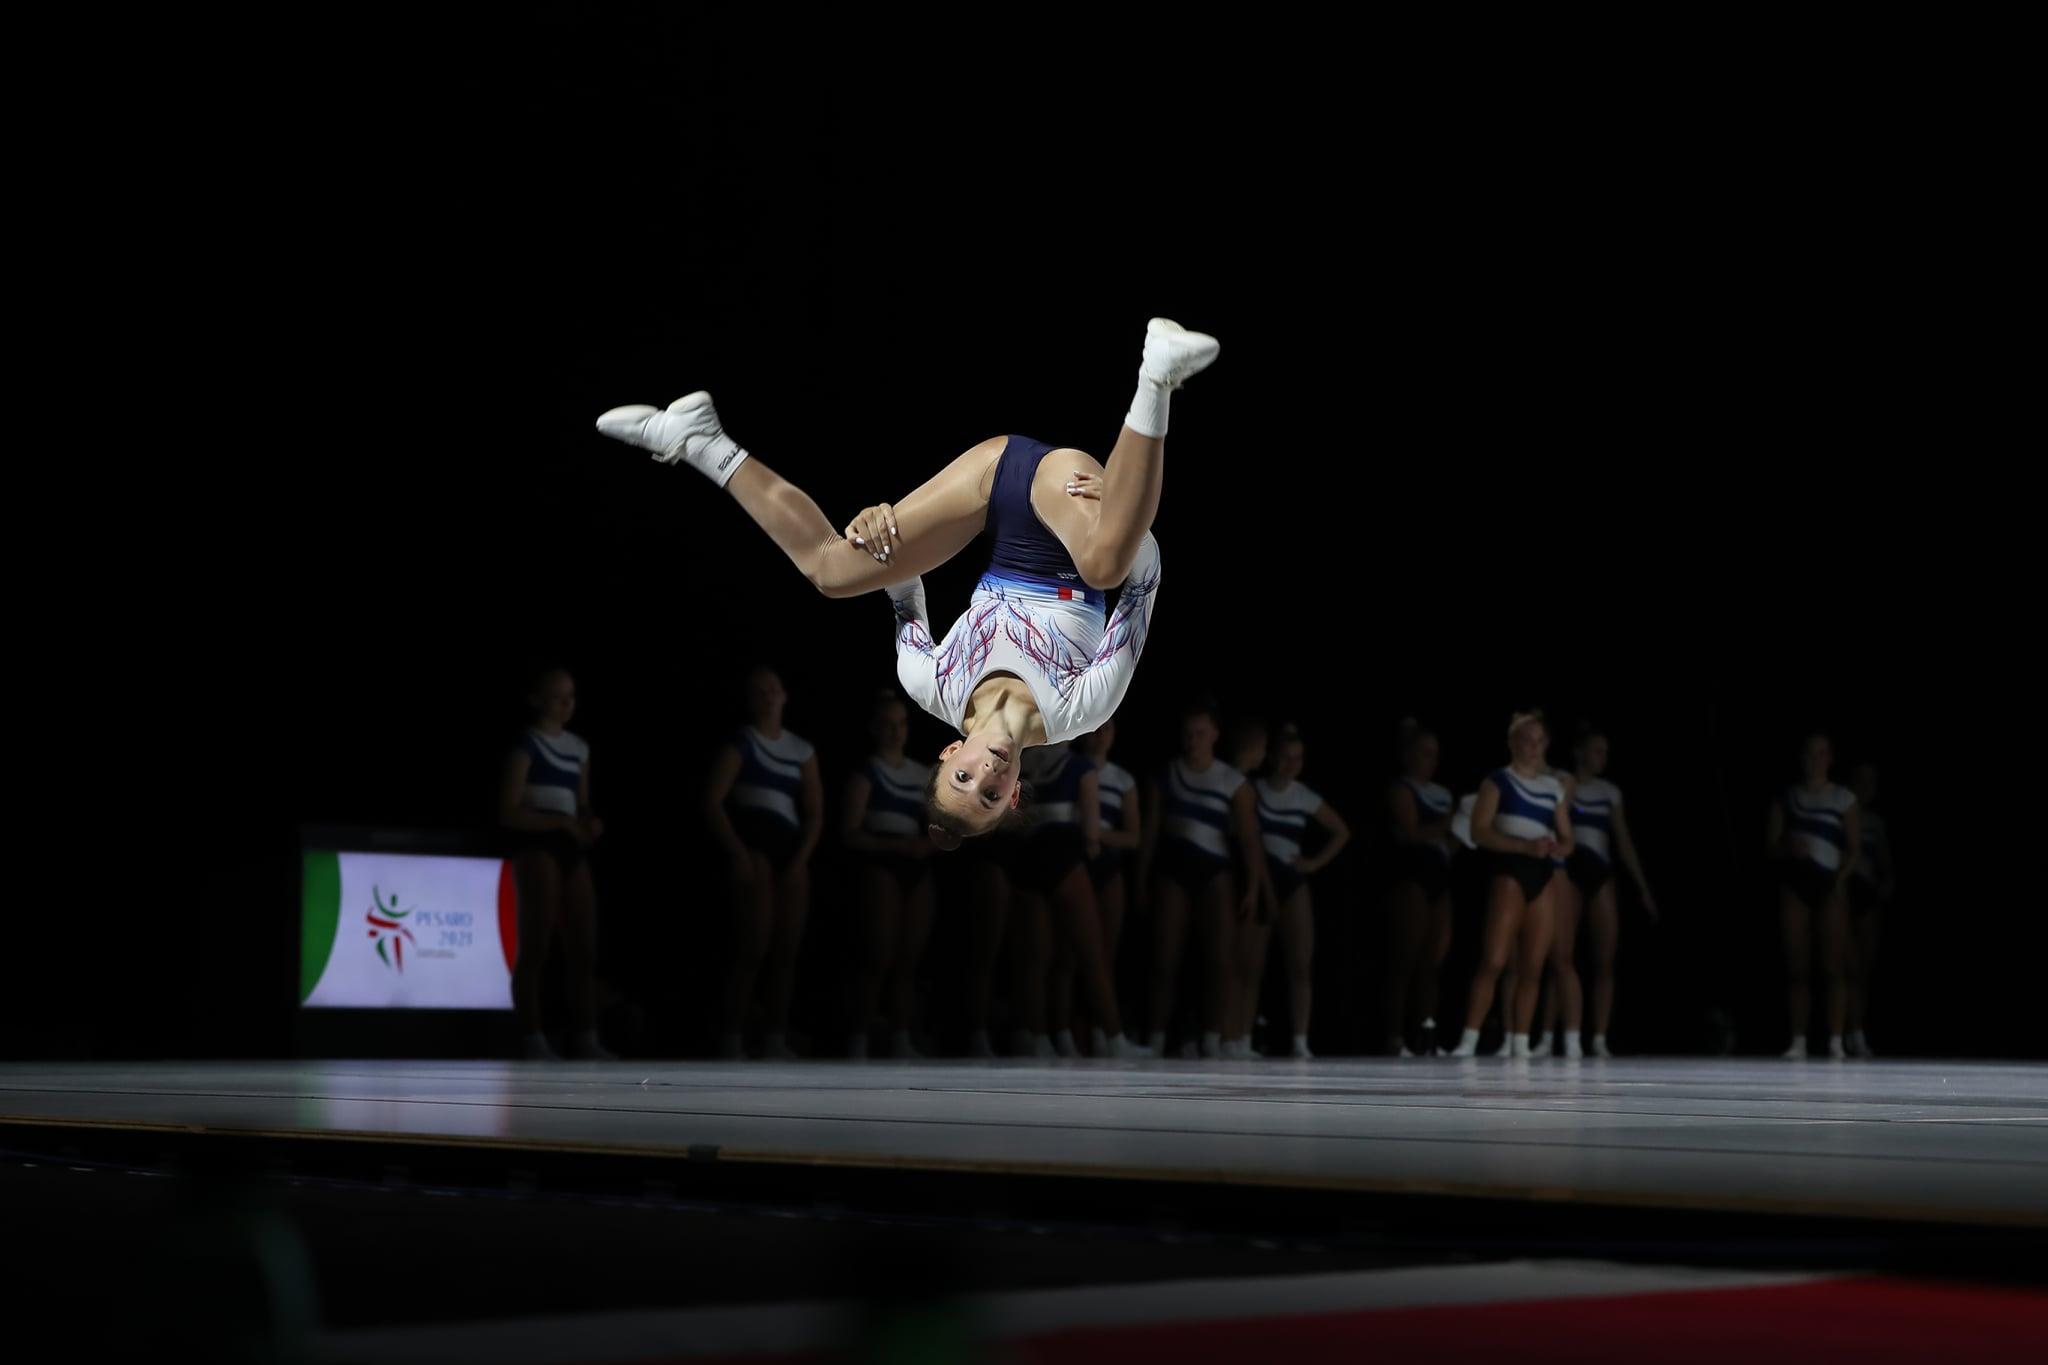 Championnats d'Europe de Gymnastique Aérobic ; Maëlys créera t'elle la surprise??